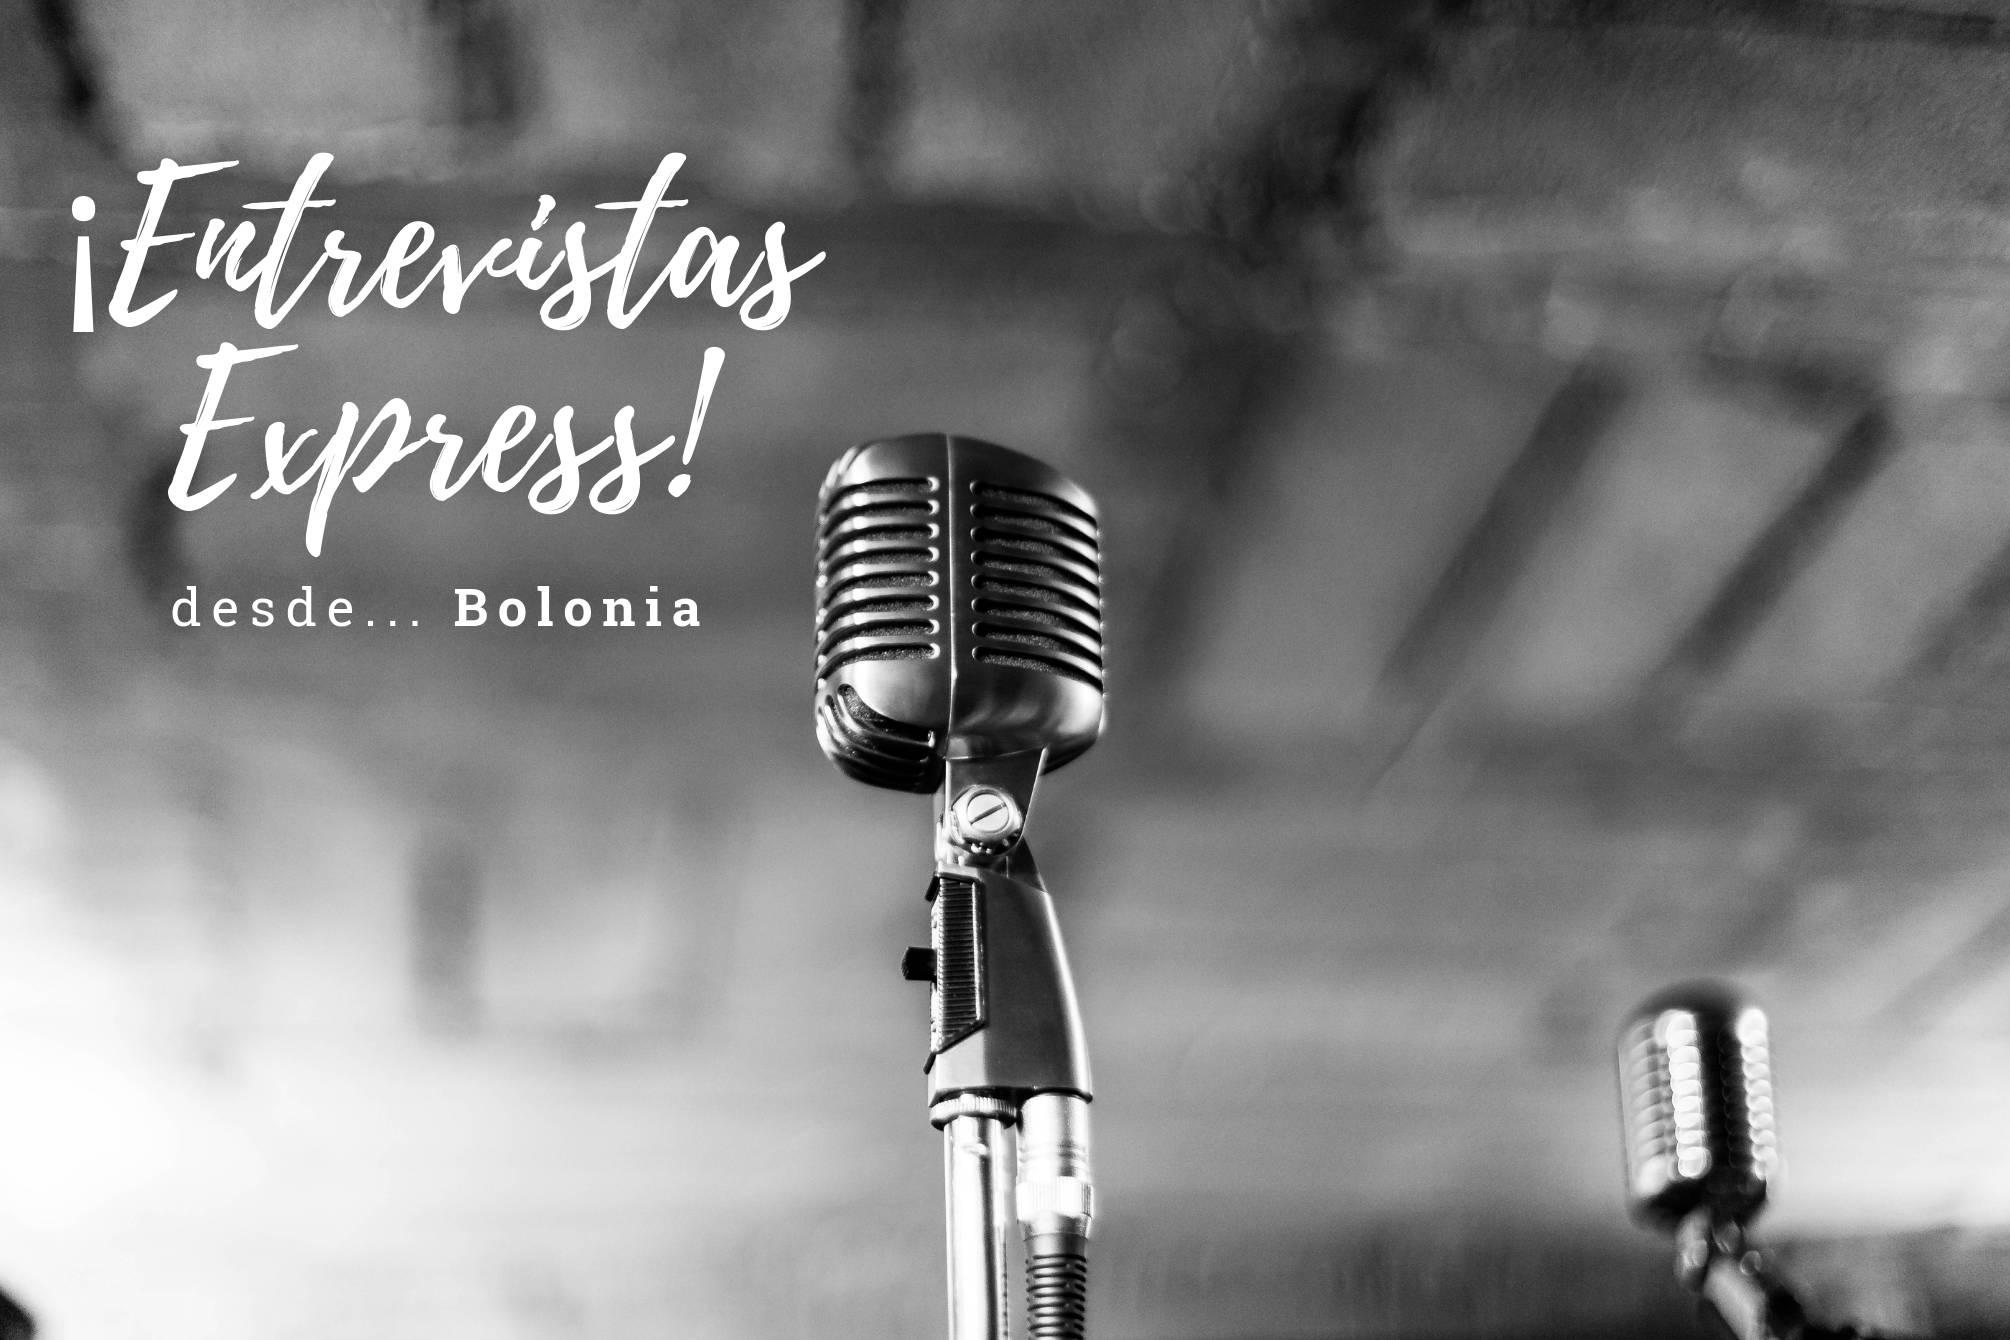 Entrevistas express desde Bolonia